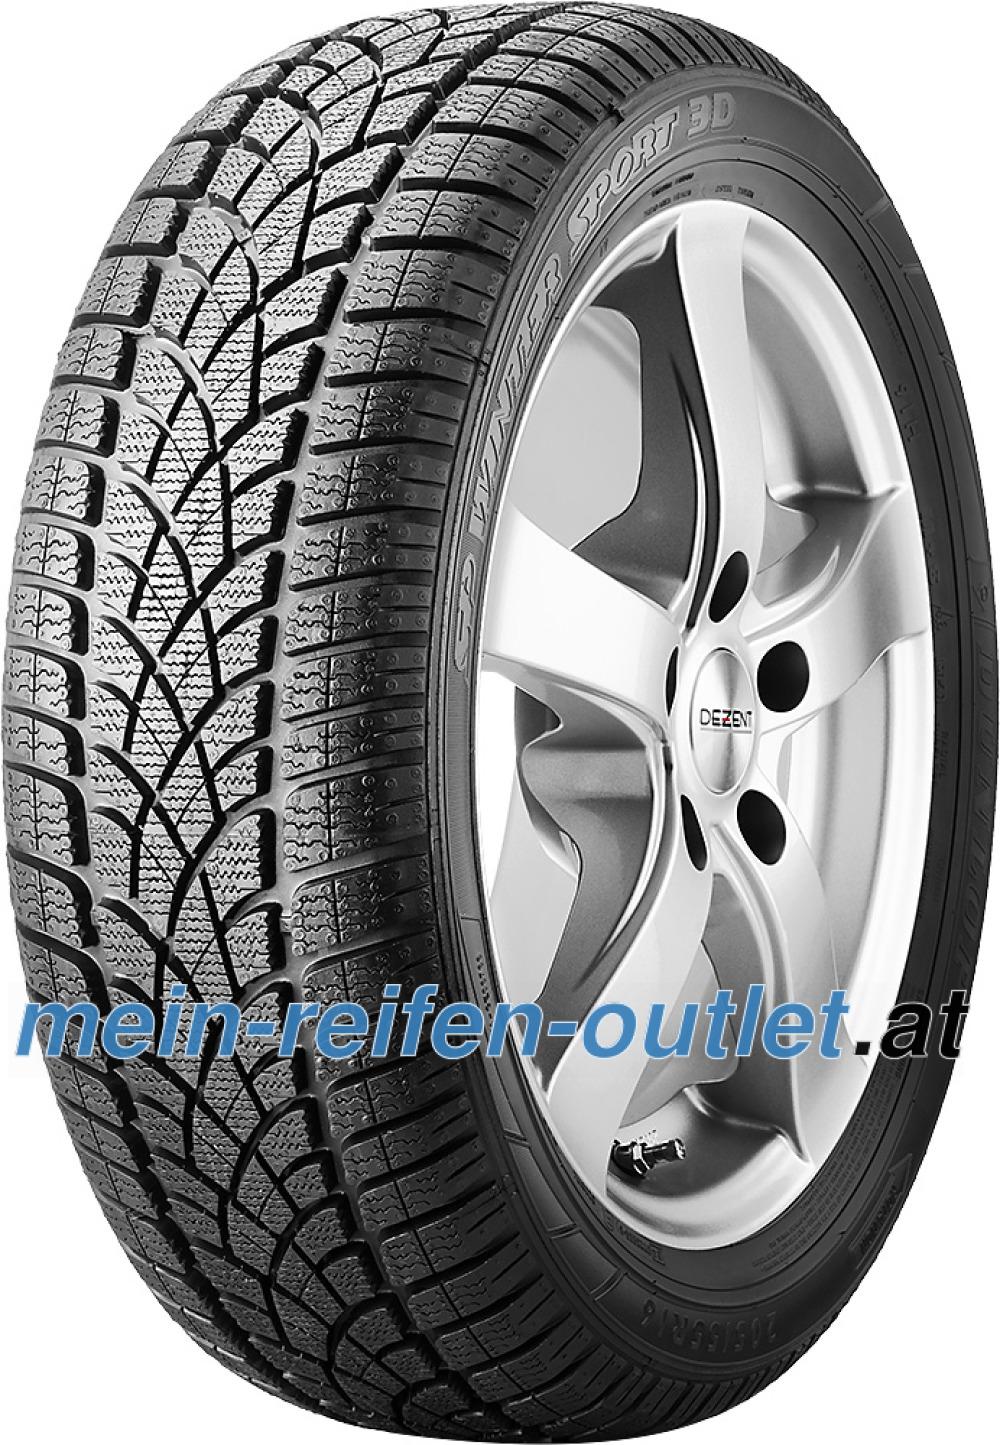 Dunlop SP Winter Sport 3D ( 225/50 R17 94H AO, mit Felgenschutz (MFS) )